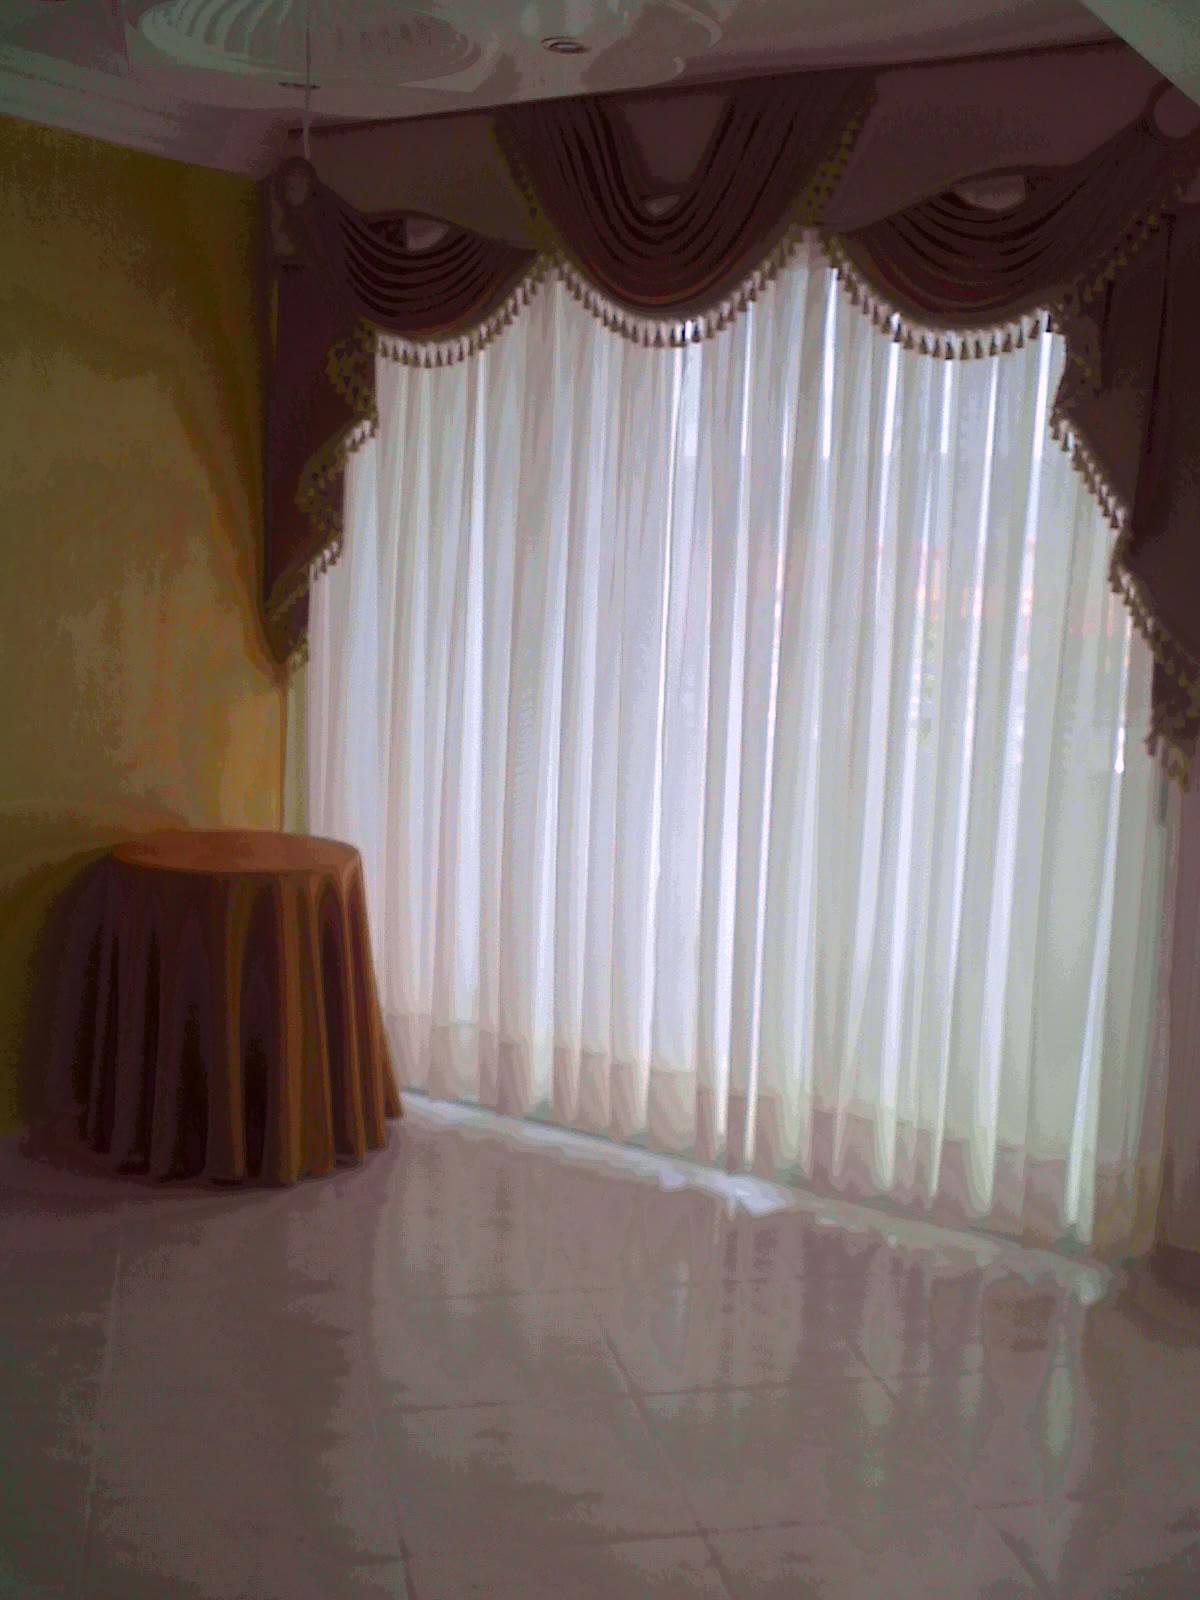 Persianas y cortinas emmanuel festones - Persianas y cortinas ...